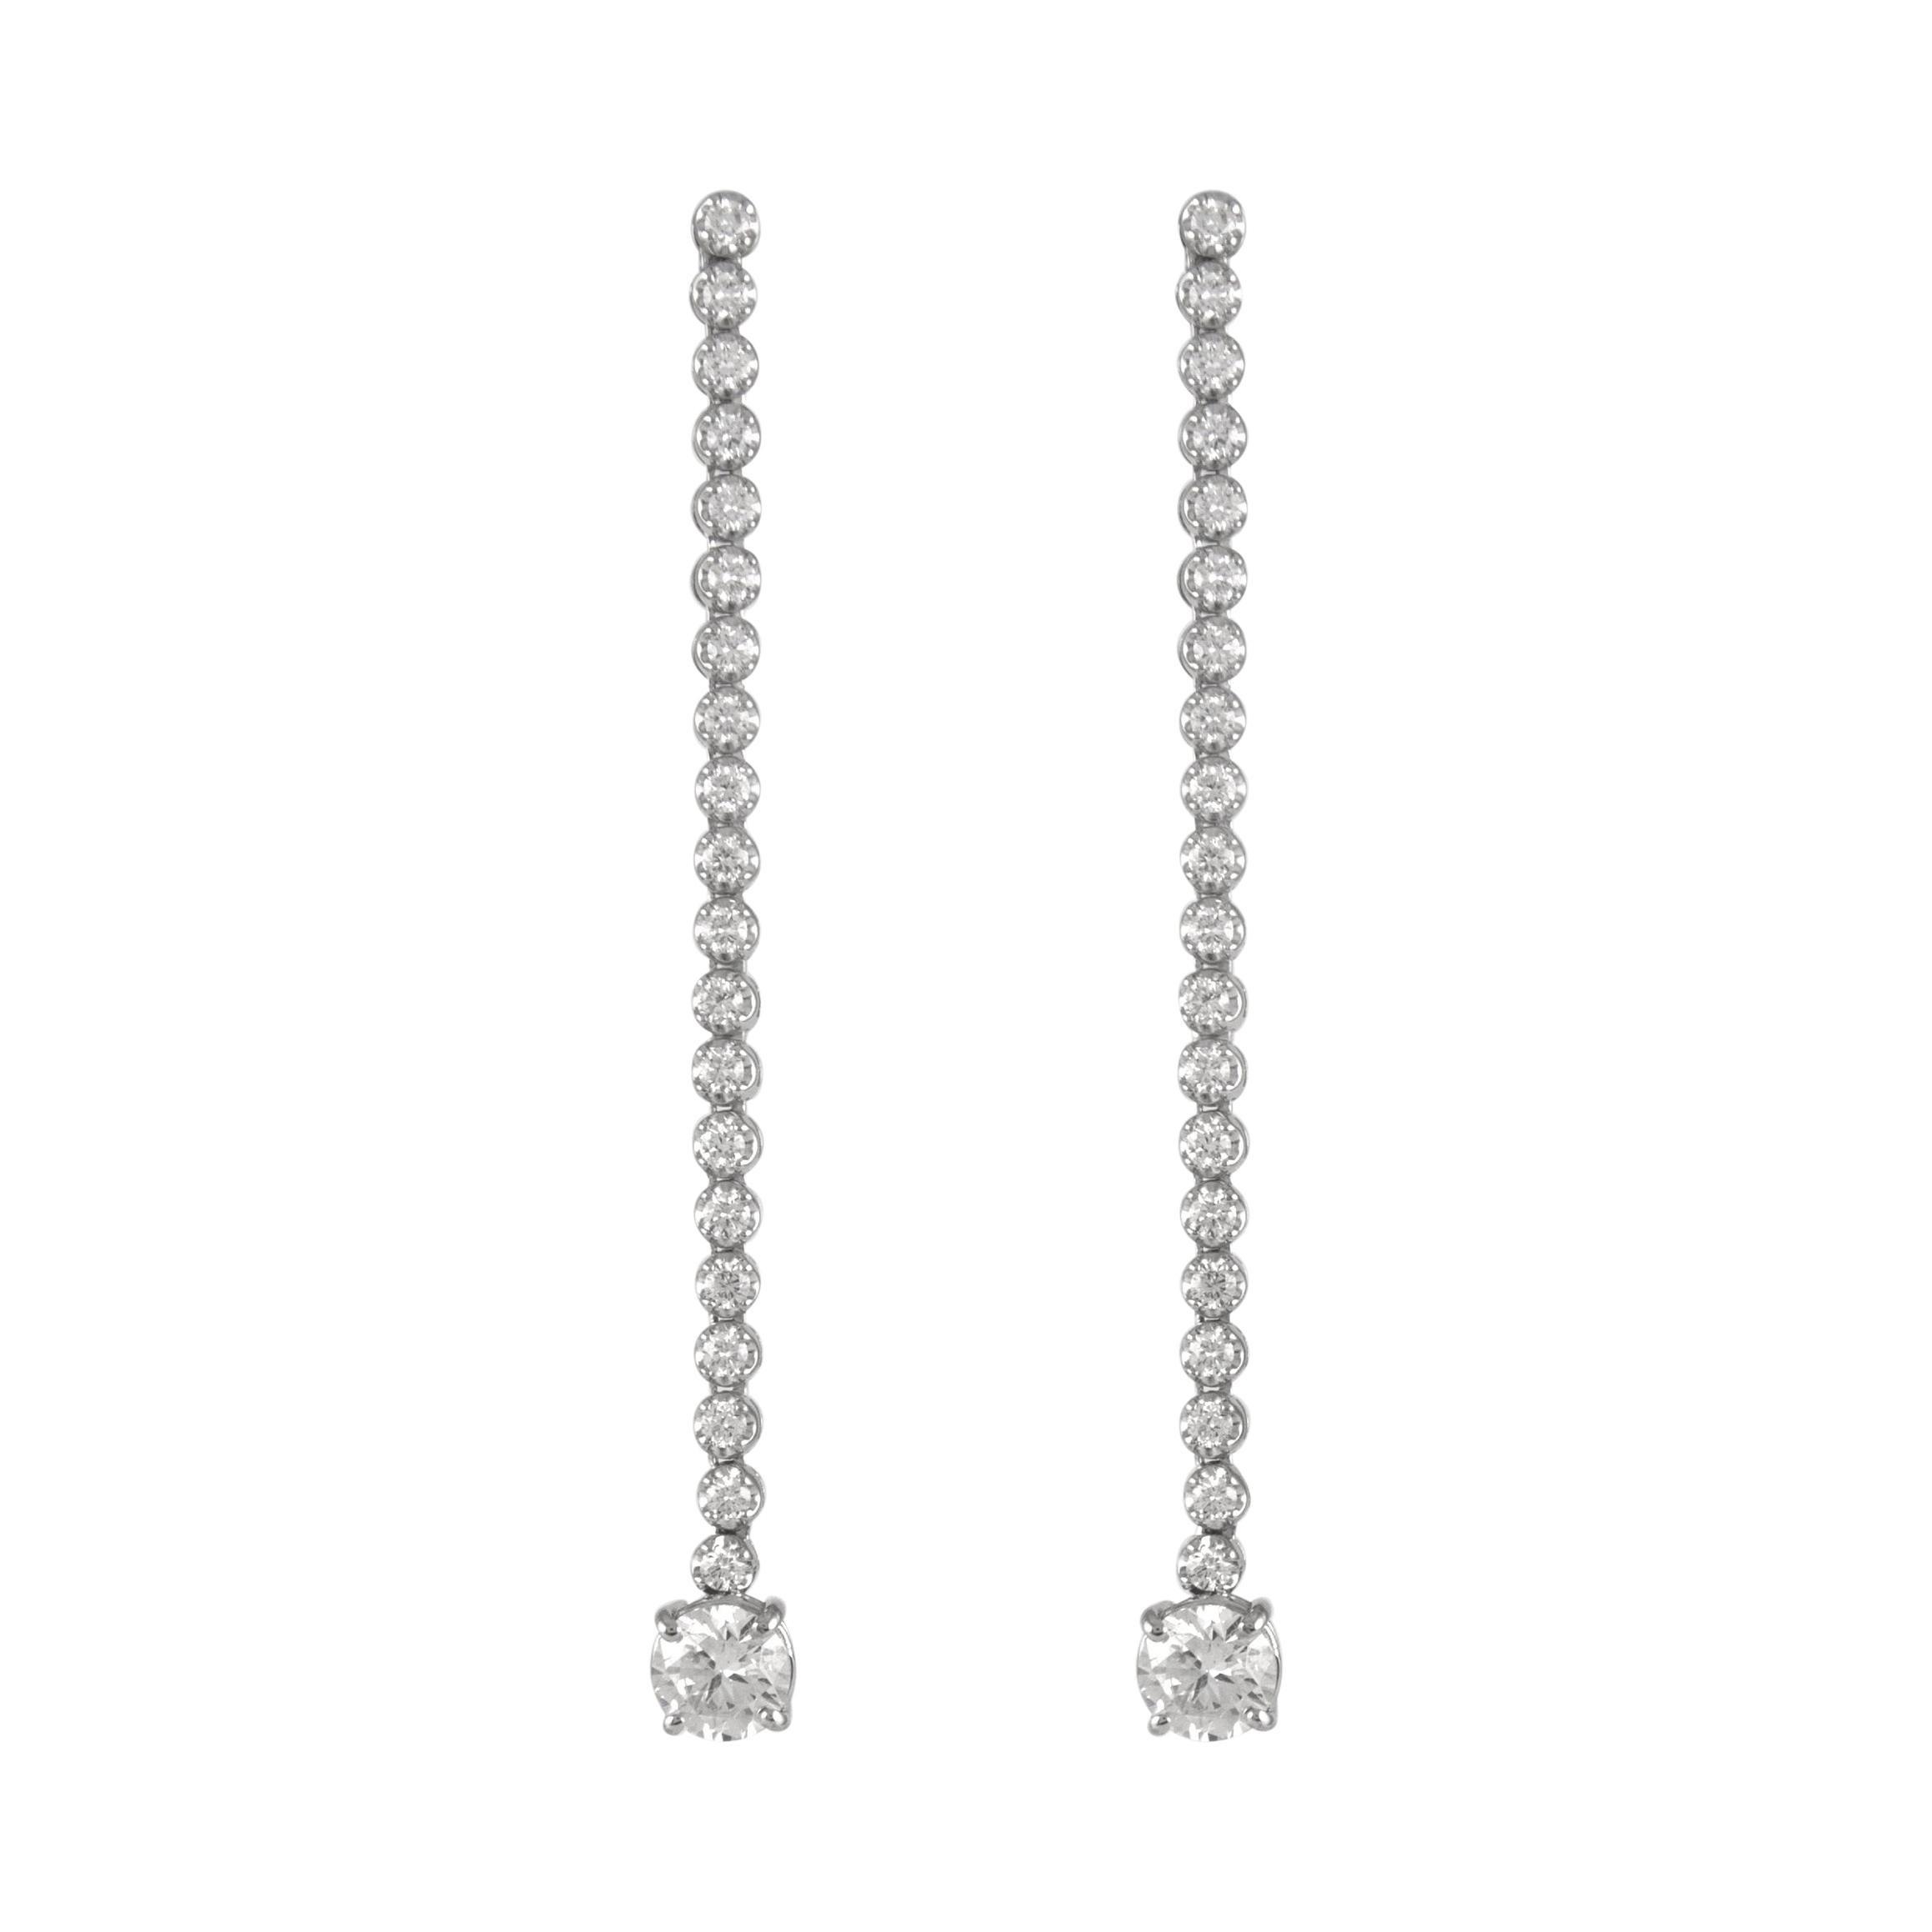 EGL Certified 3.70ct Total Diamond Drop Earrings 18k White Gold